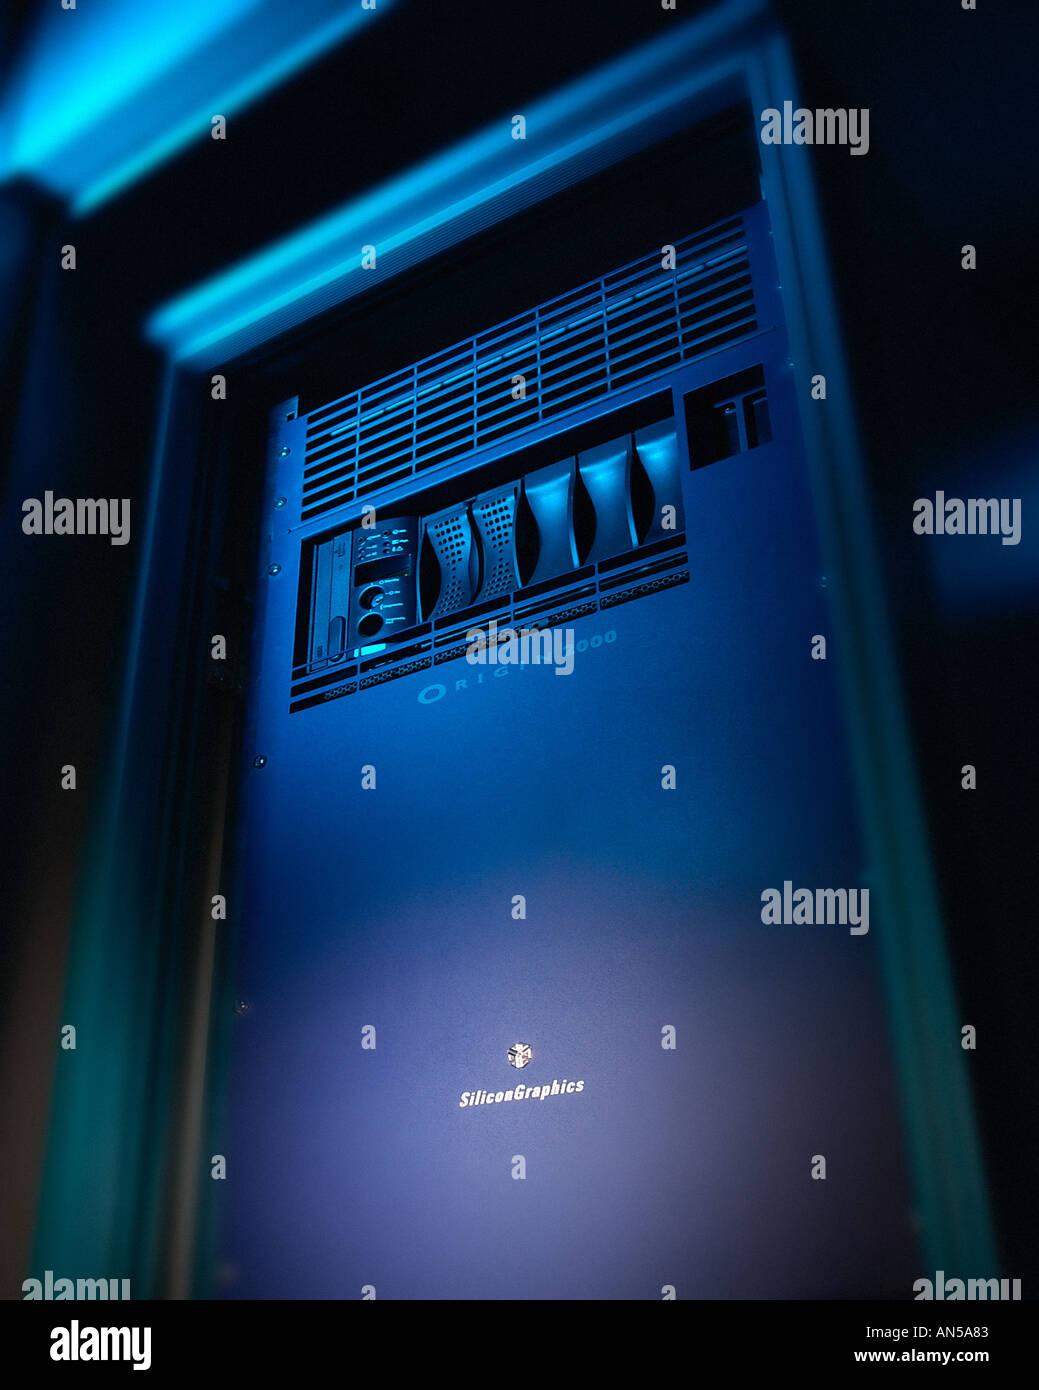 SILICON GRAPHICS ORIGIN 2000 COMPUTER - Stock Image